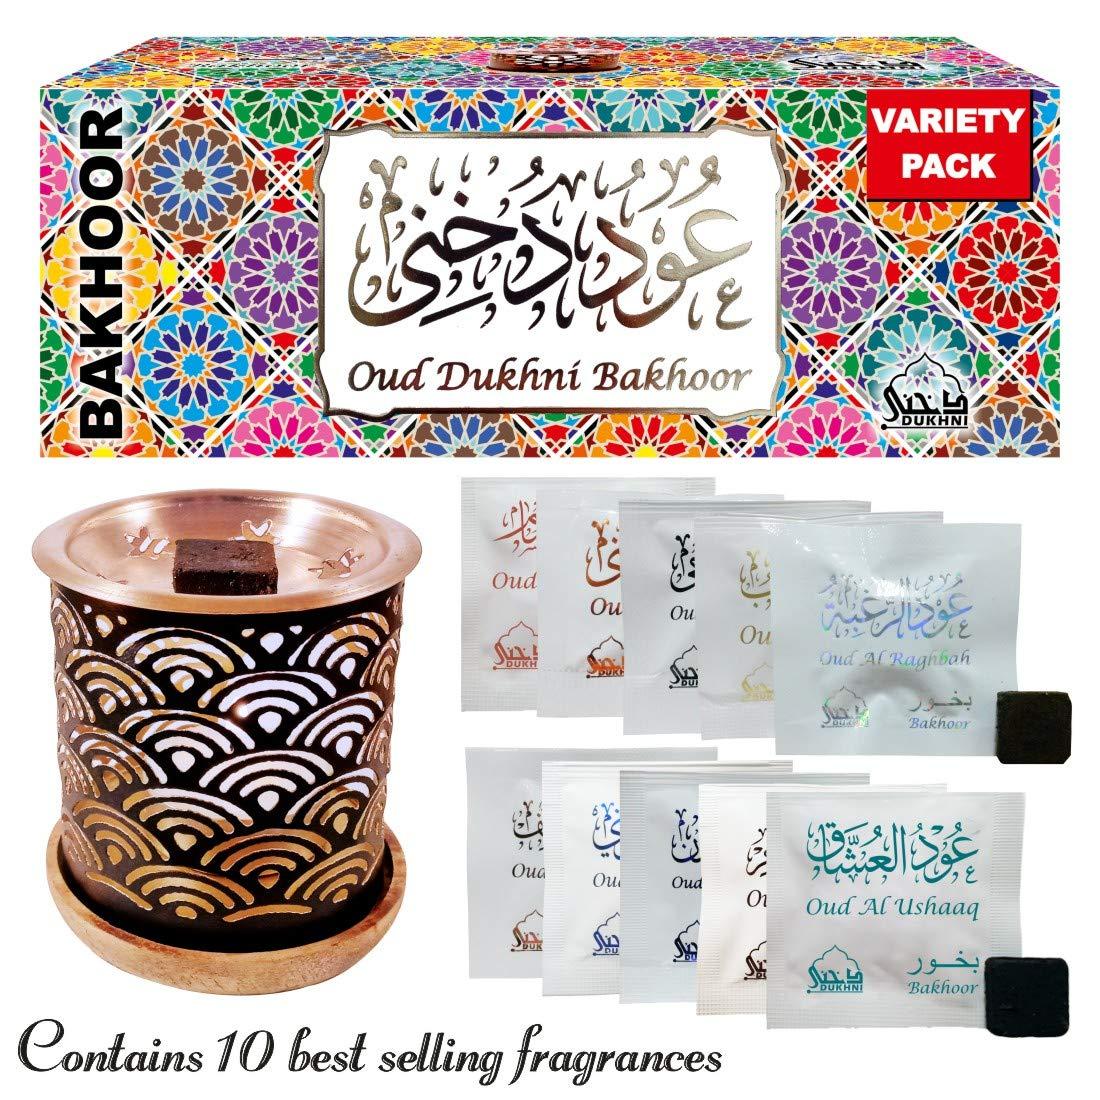 Dukhni Oud Bakhoor Incense Variety Box & Rainbow Bakhoor Burner - Gift Set & Starter Kit